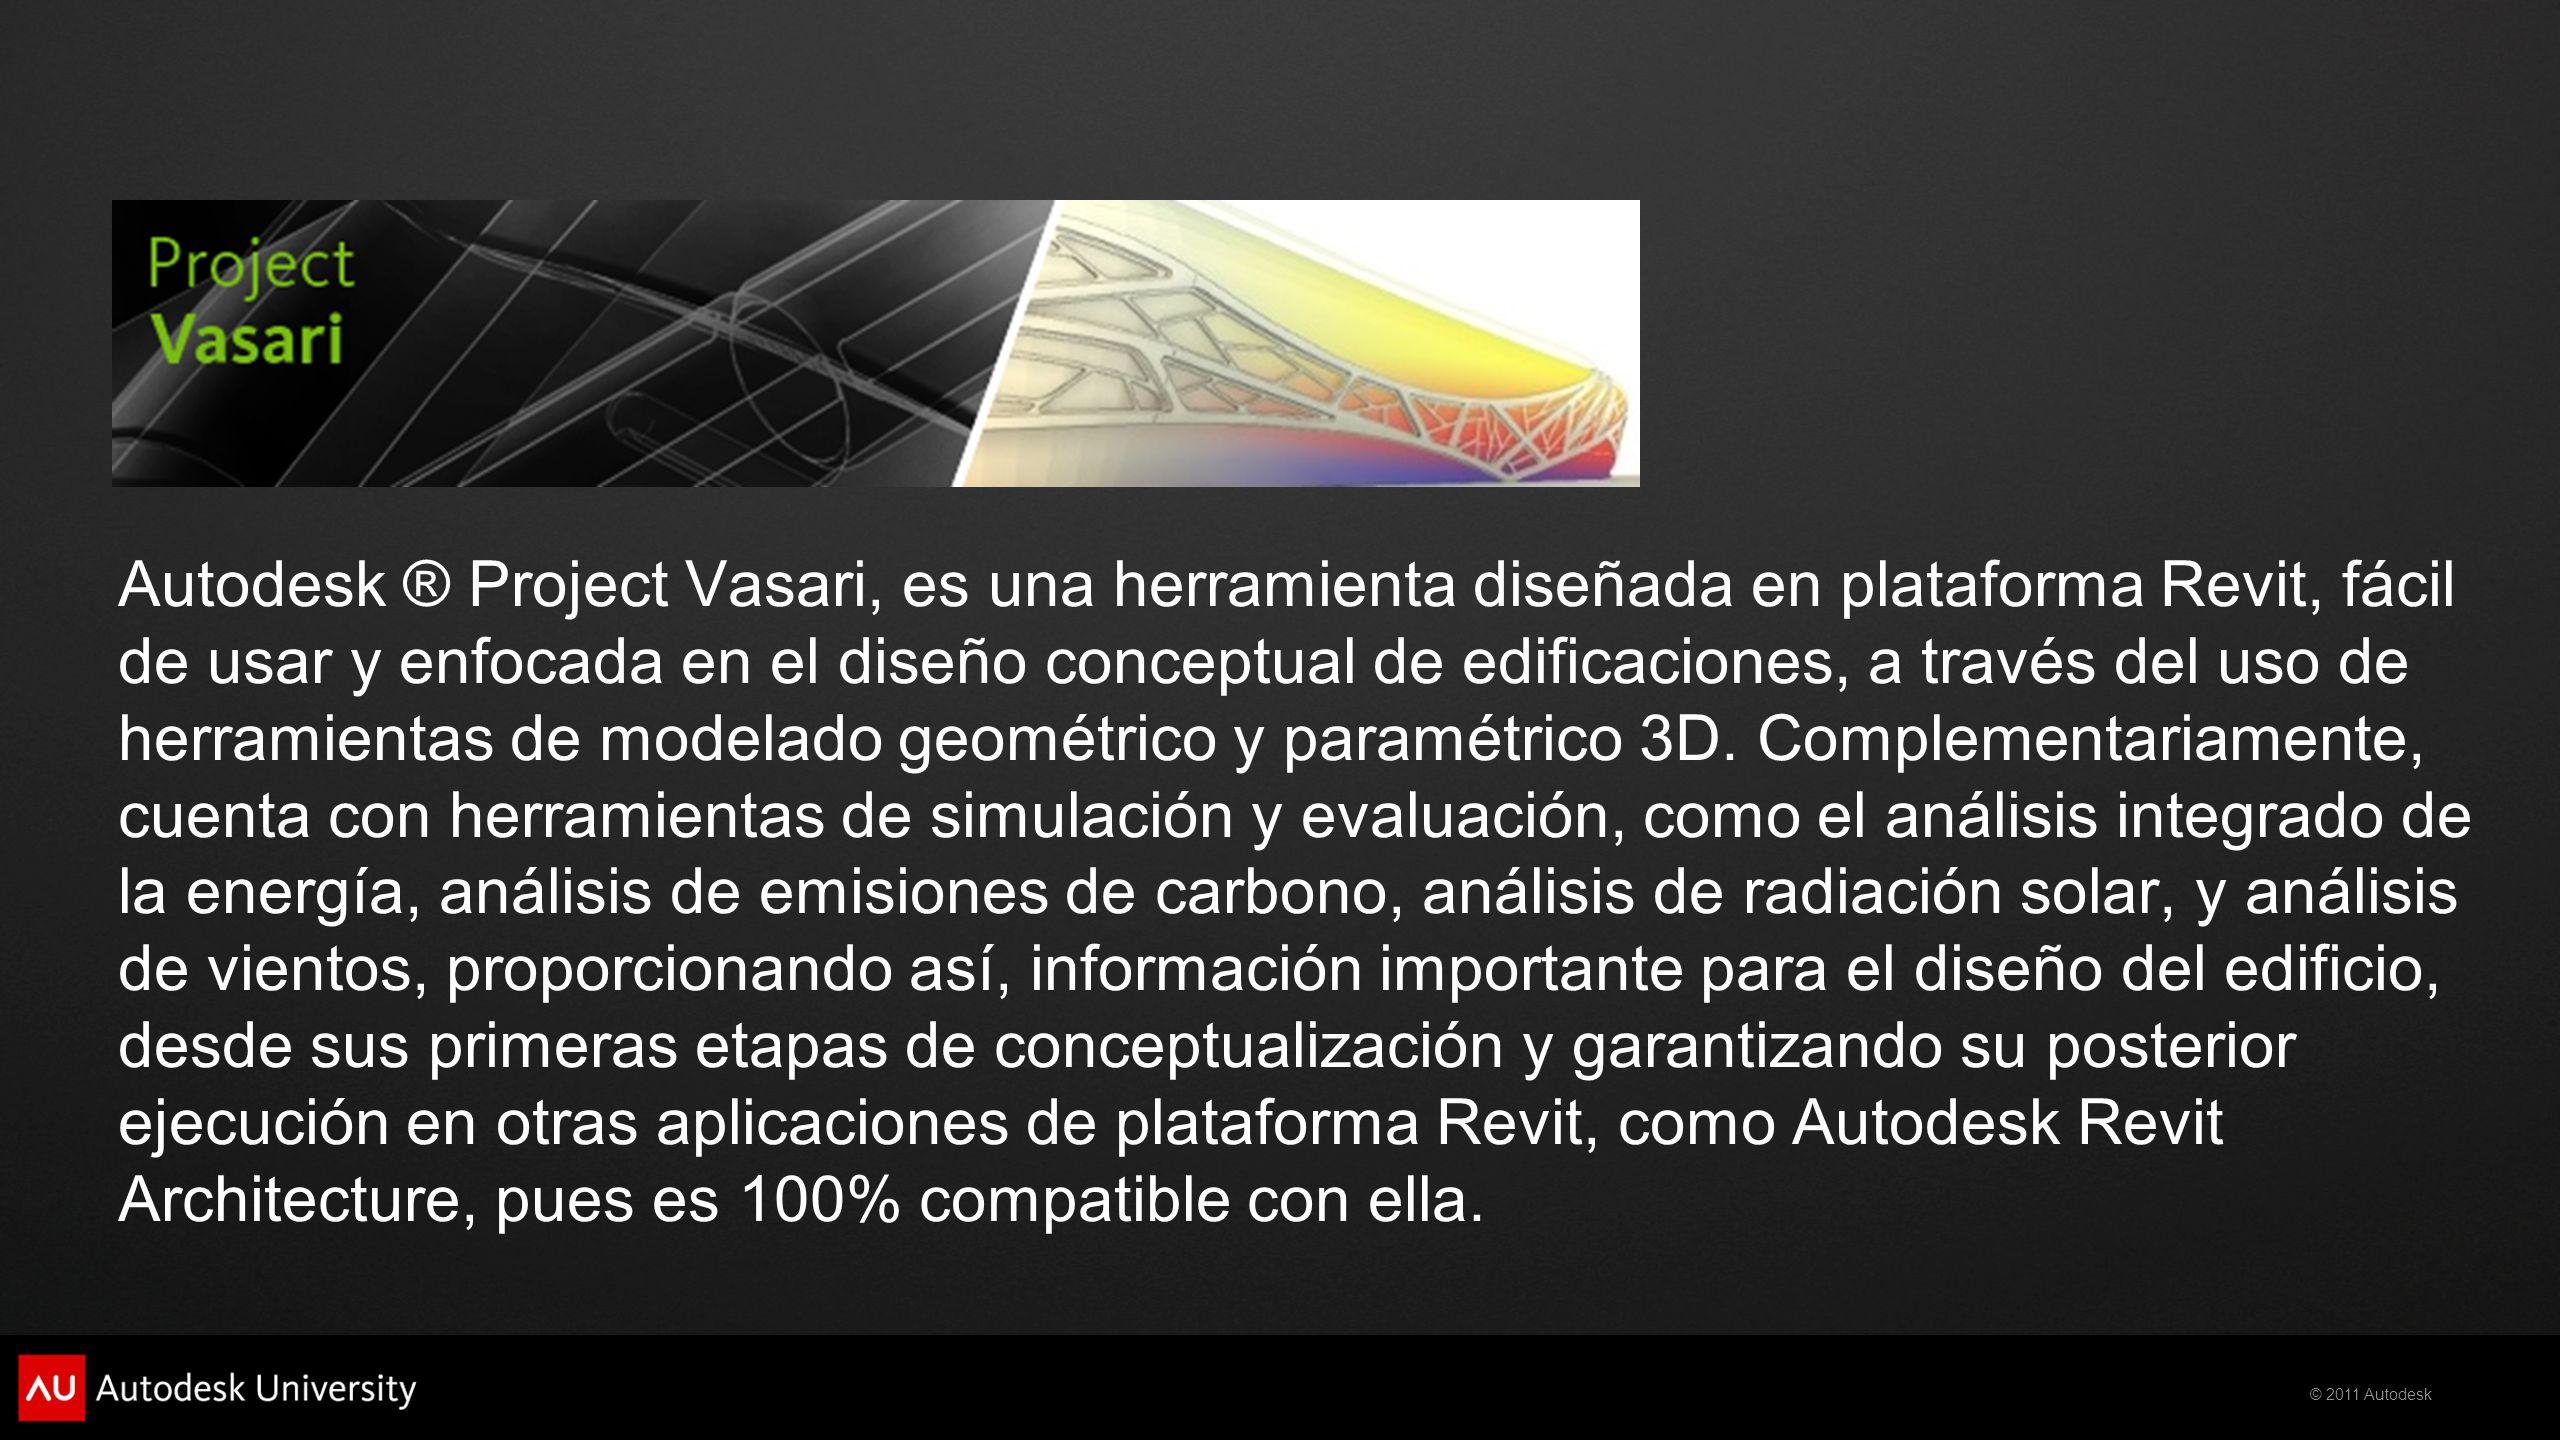 Autodesk ® Project Vasari, es una herramienta diseñada en plataforma Revit, fácil de usar y enfocada en el diseño conceptual de edificaciones, a través del uso de herramientas de modelado geométrico y paramétrico 3D.